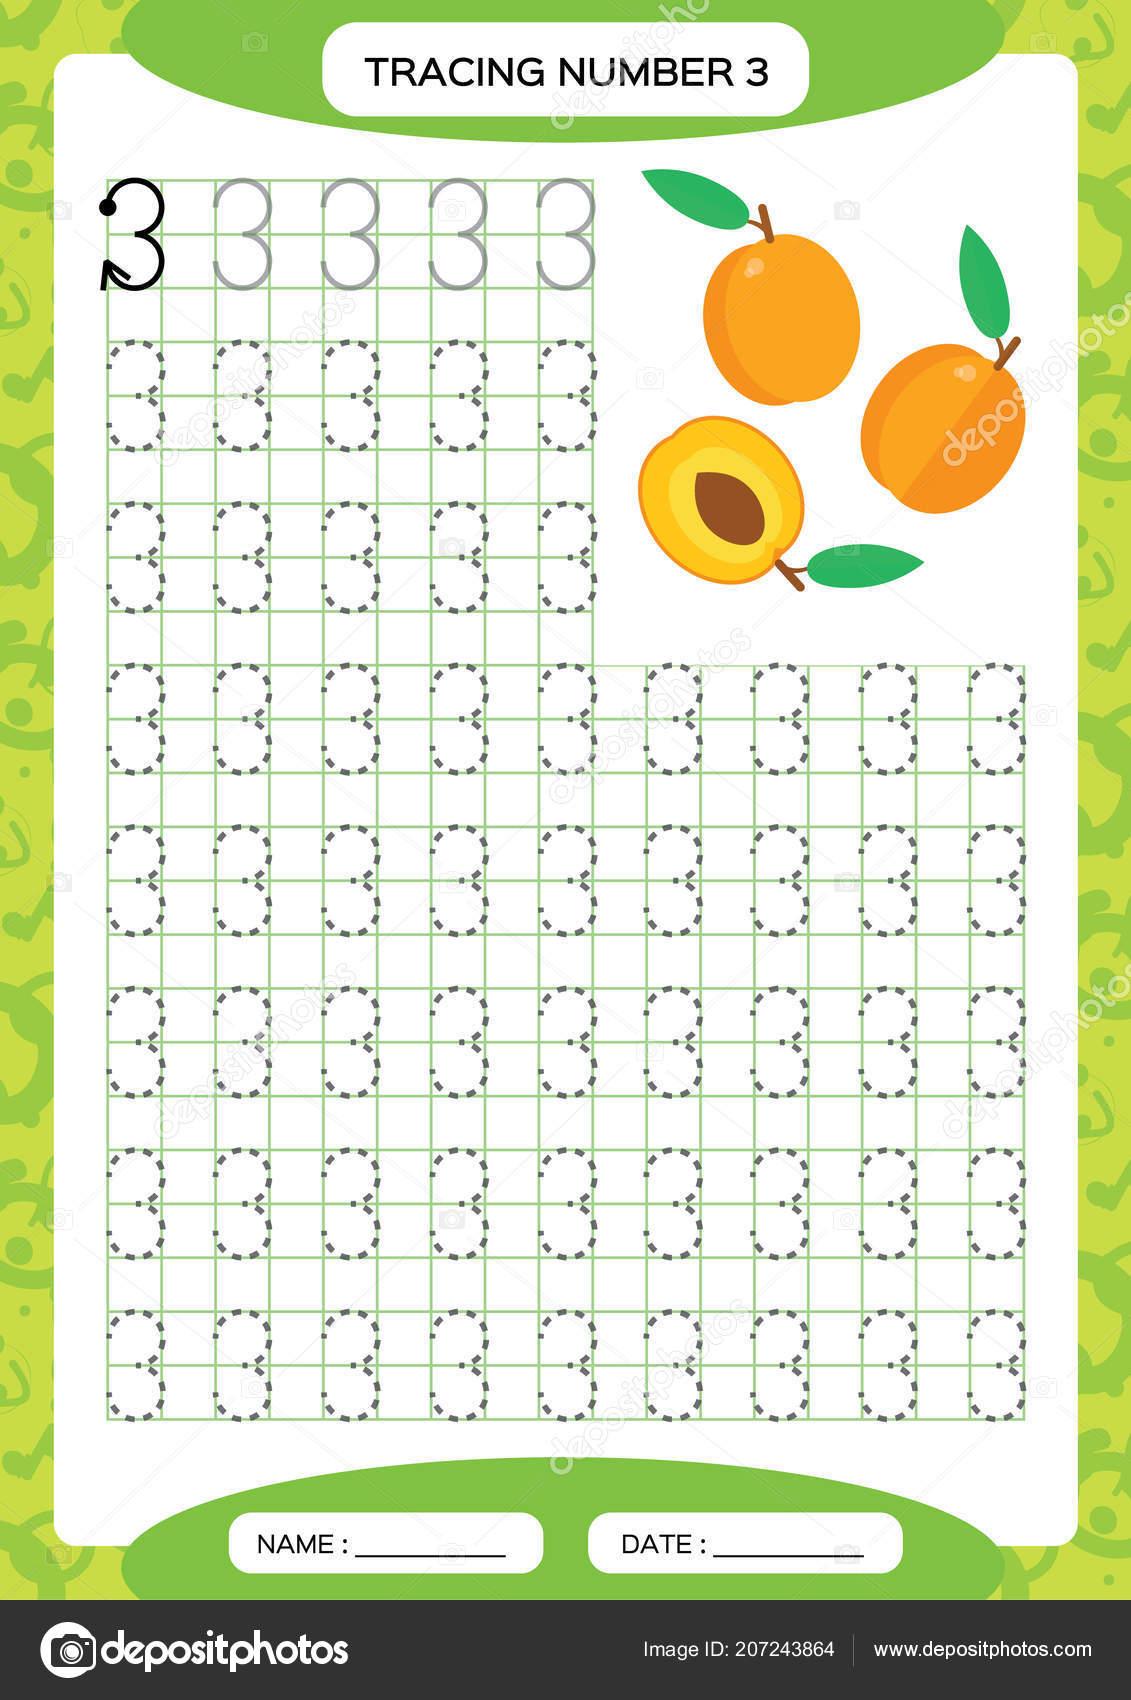 Number three tracing worksheet orange peach fruit preschool number three tracing worksheet orange peach fruit preschool worksheet practicing stock vector ibookread ePUb